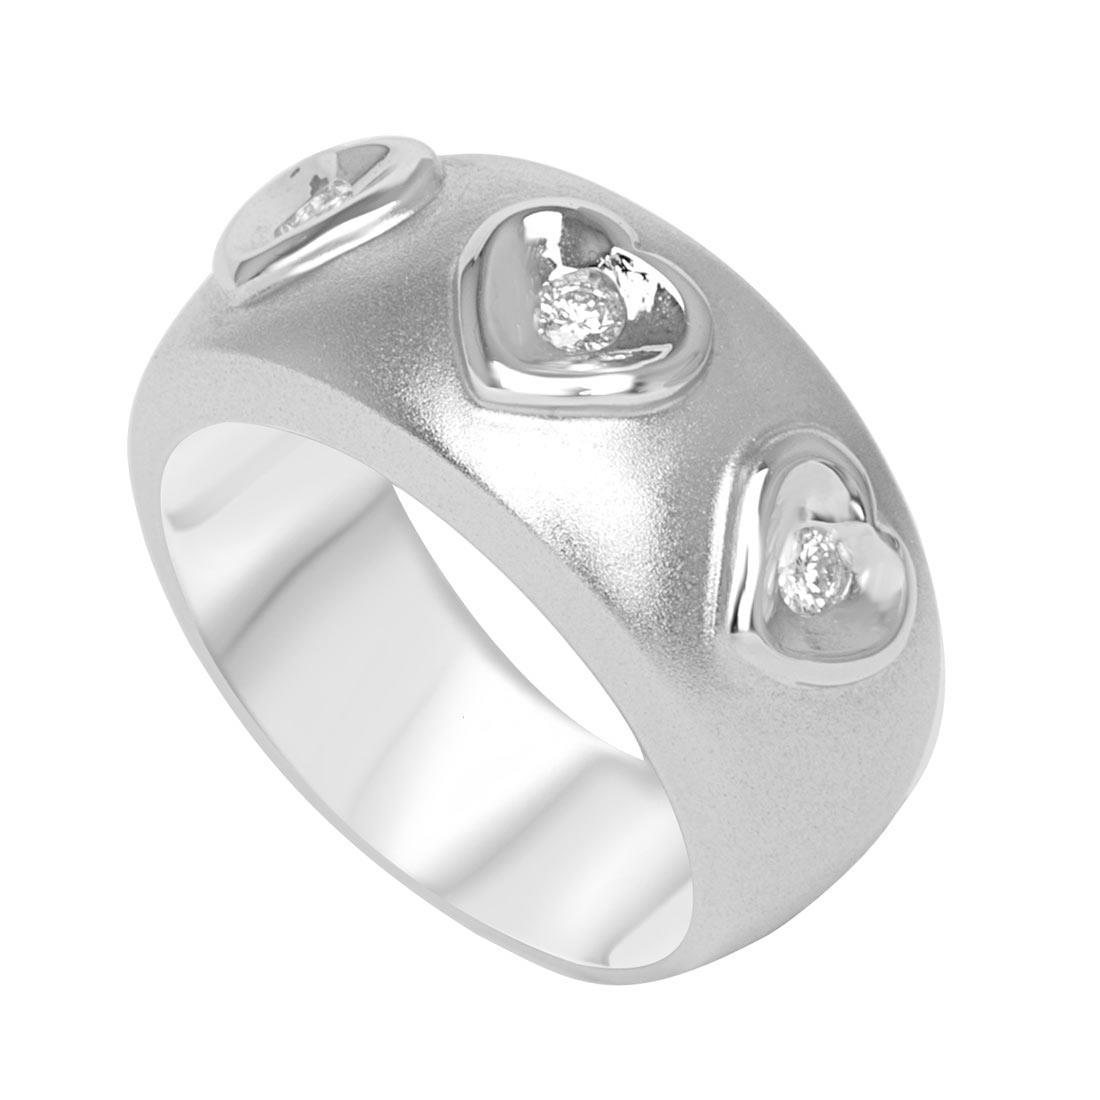 Anello a fascia in oro bianco con diamanti mis 15 - ORO&CO